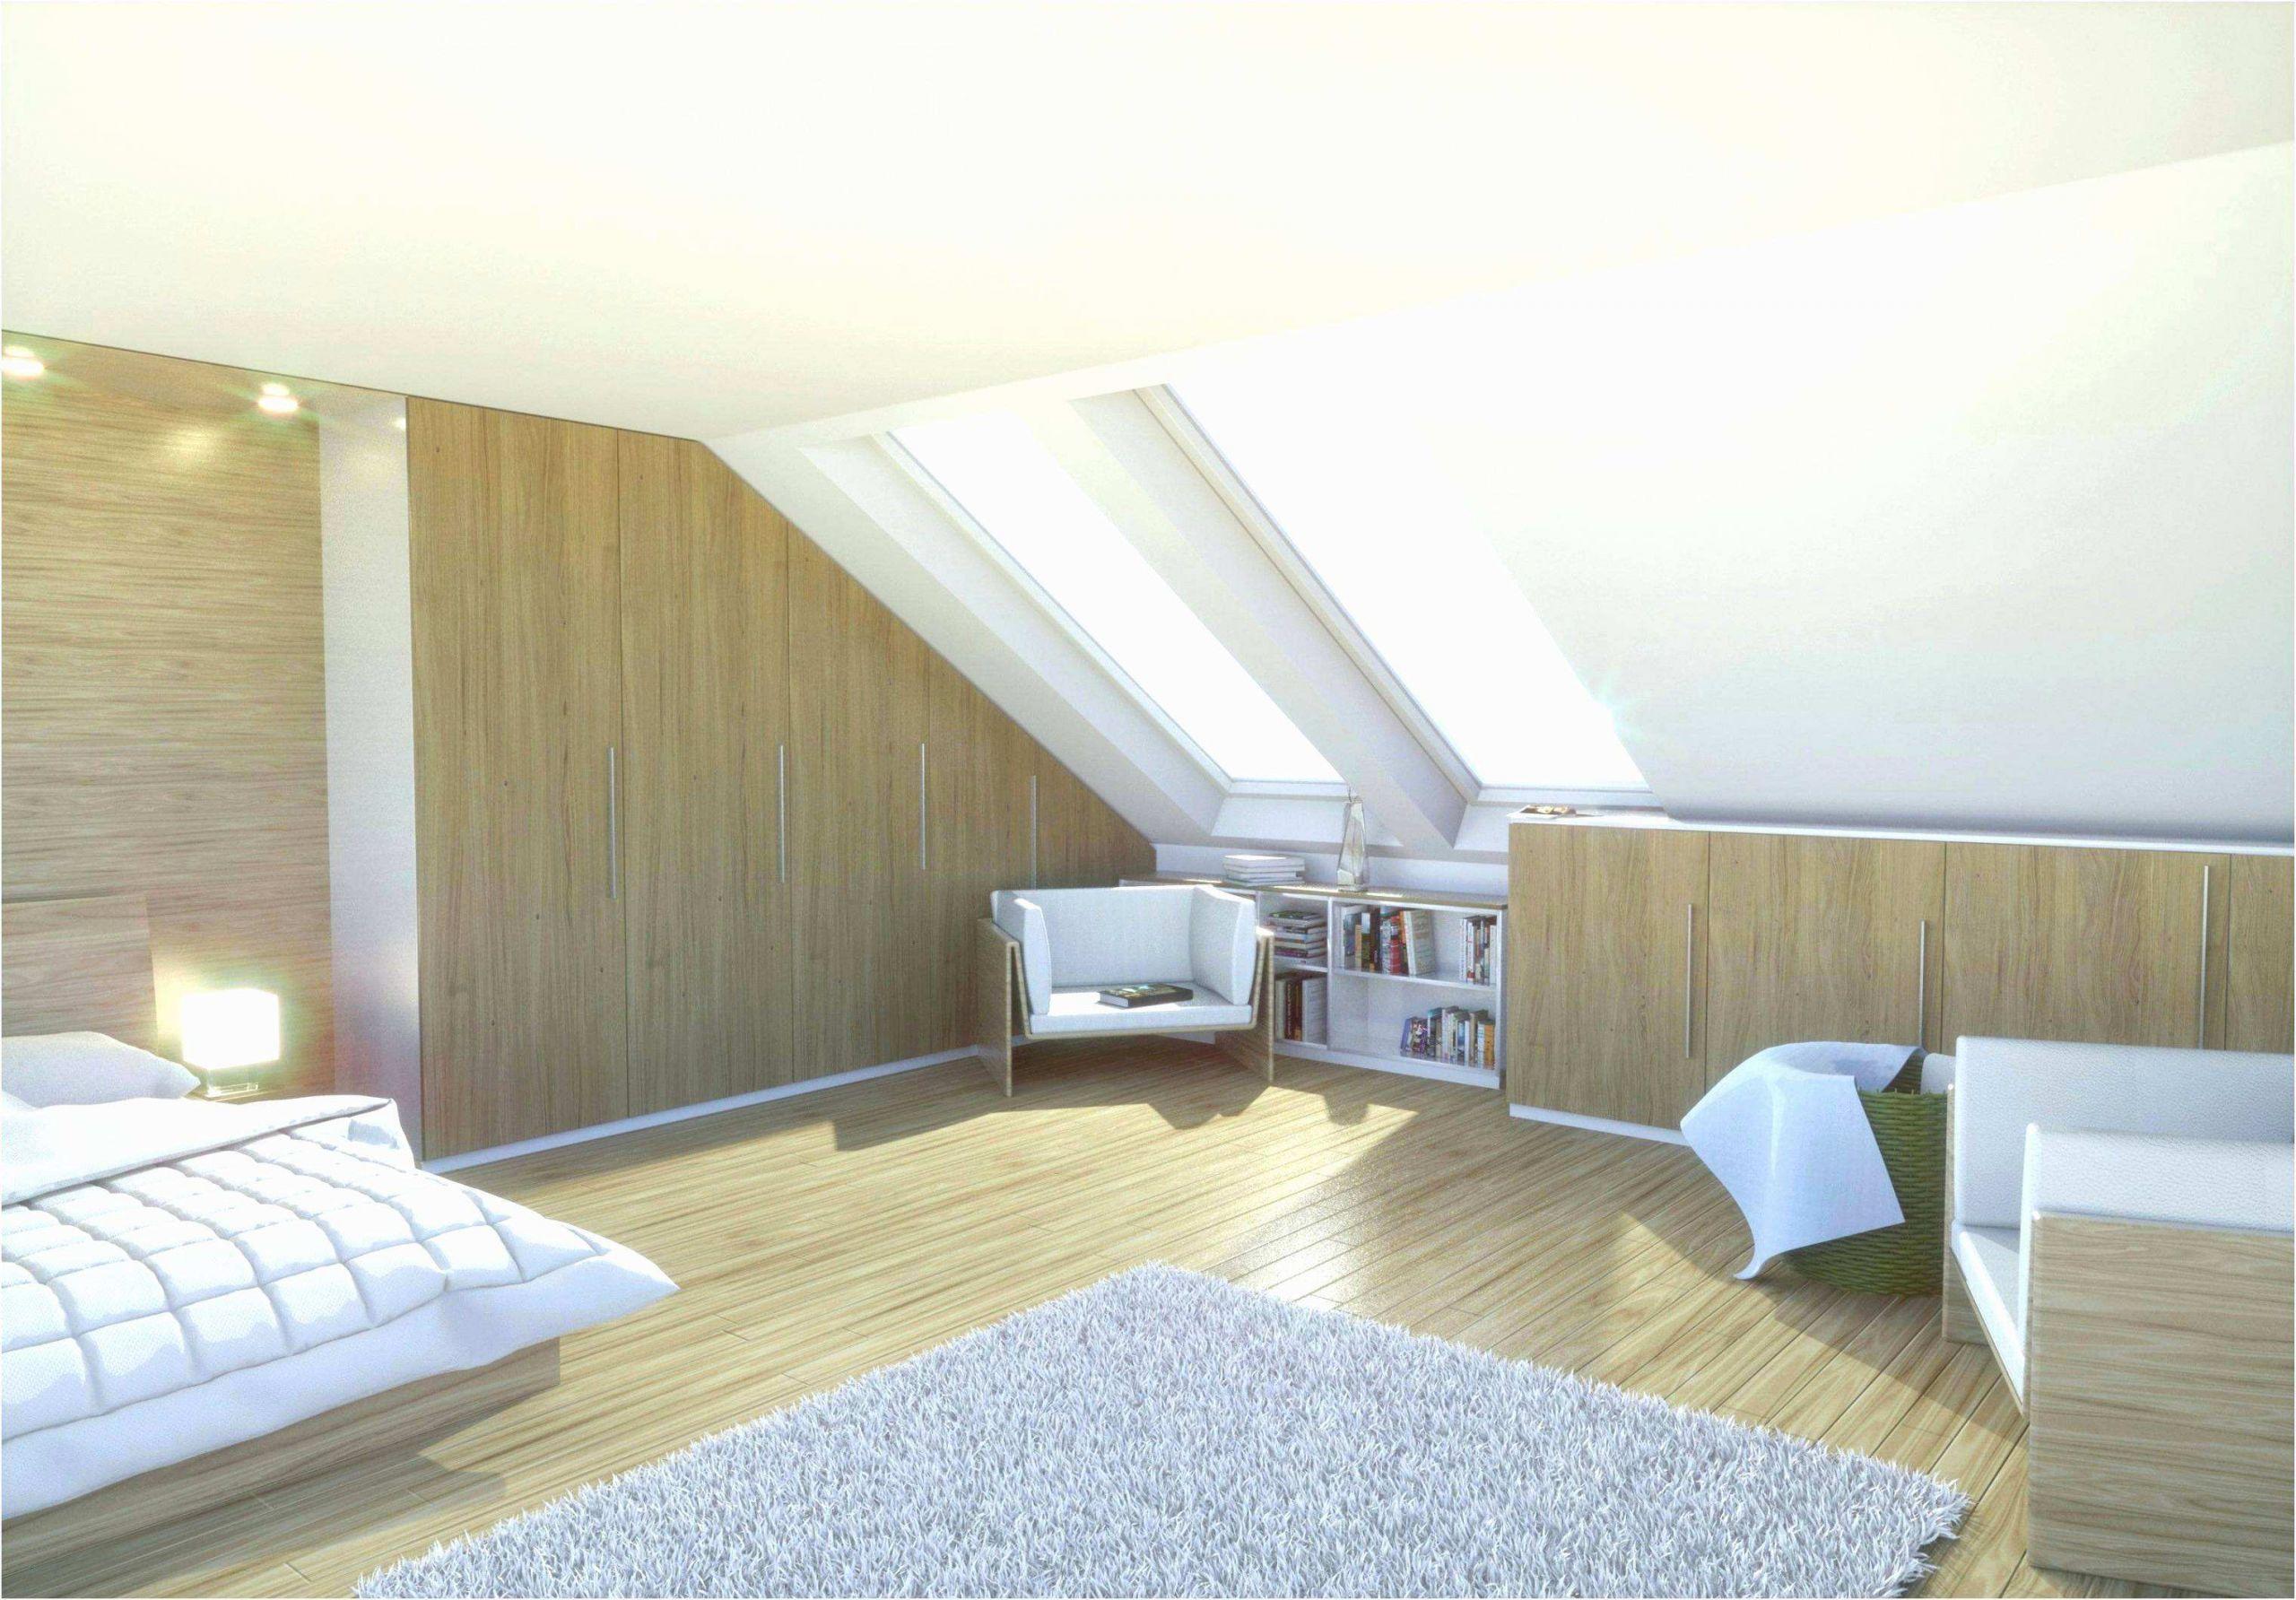 wanddeko wohnzimmer selber machen reizend new wohnzimmer deko selber basteln ideas of wanddeko wohnzimmer selber machen